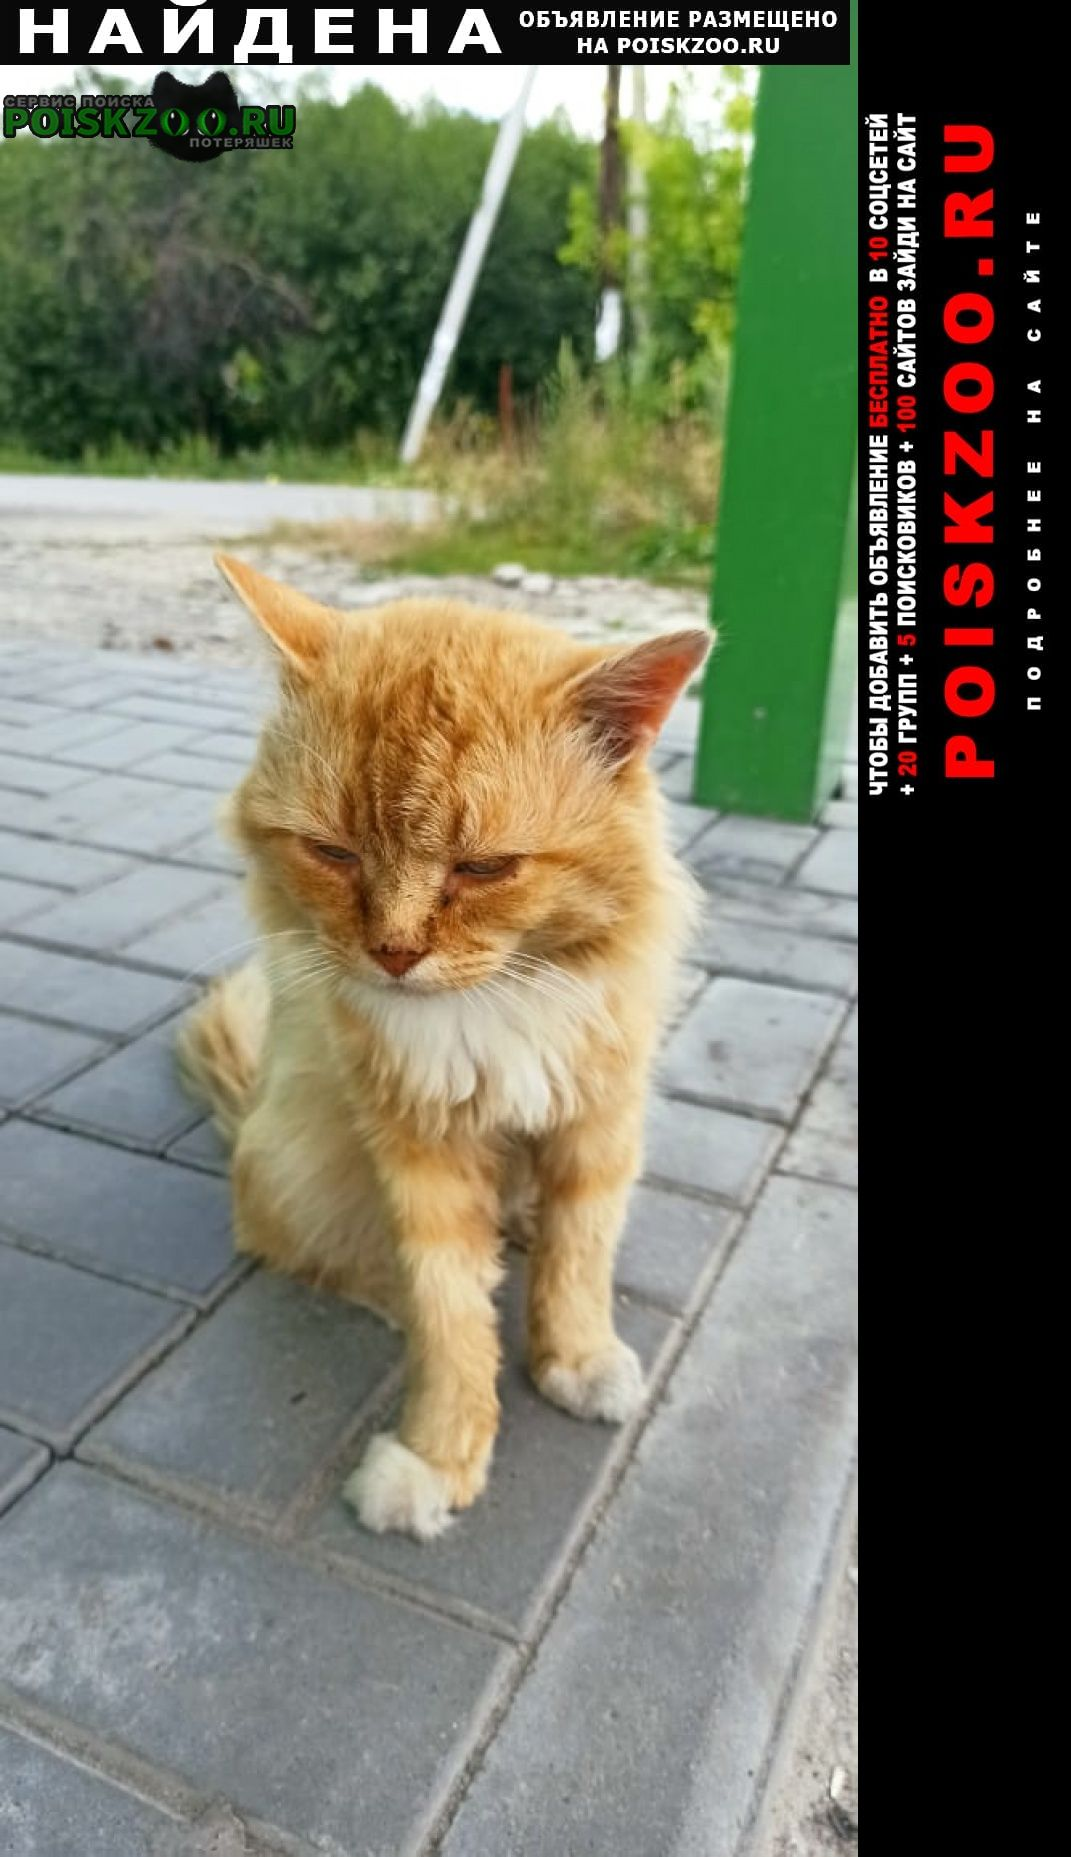 Найдена кошка кот. был очень пушистый. Старожилово